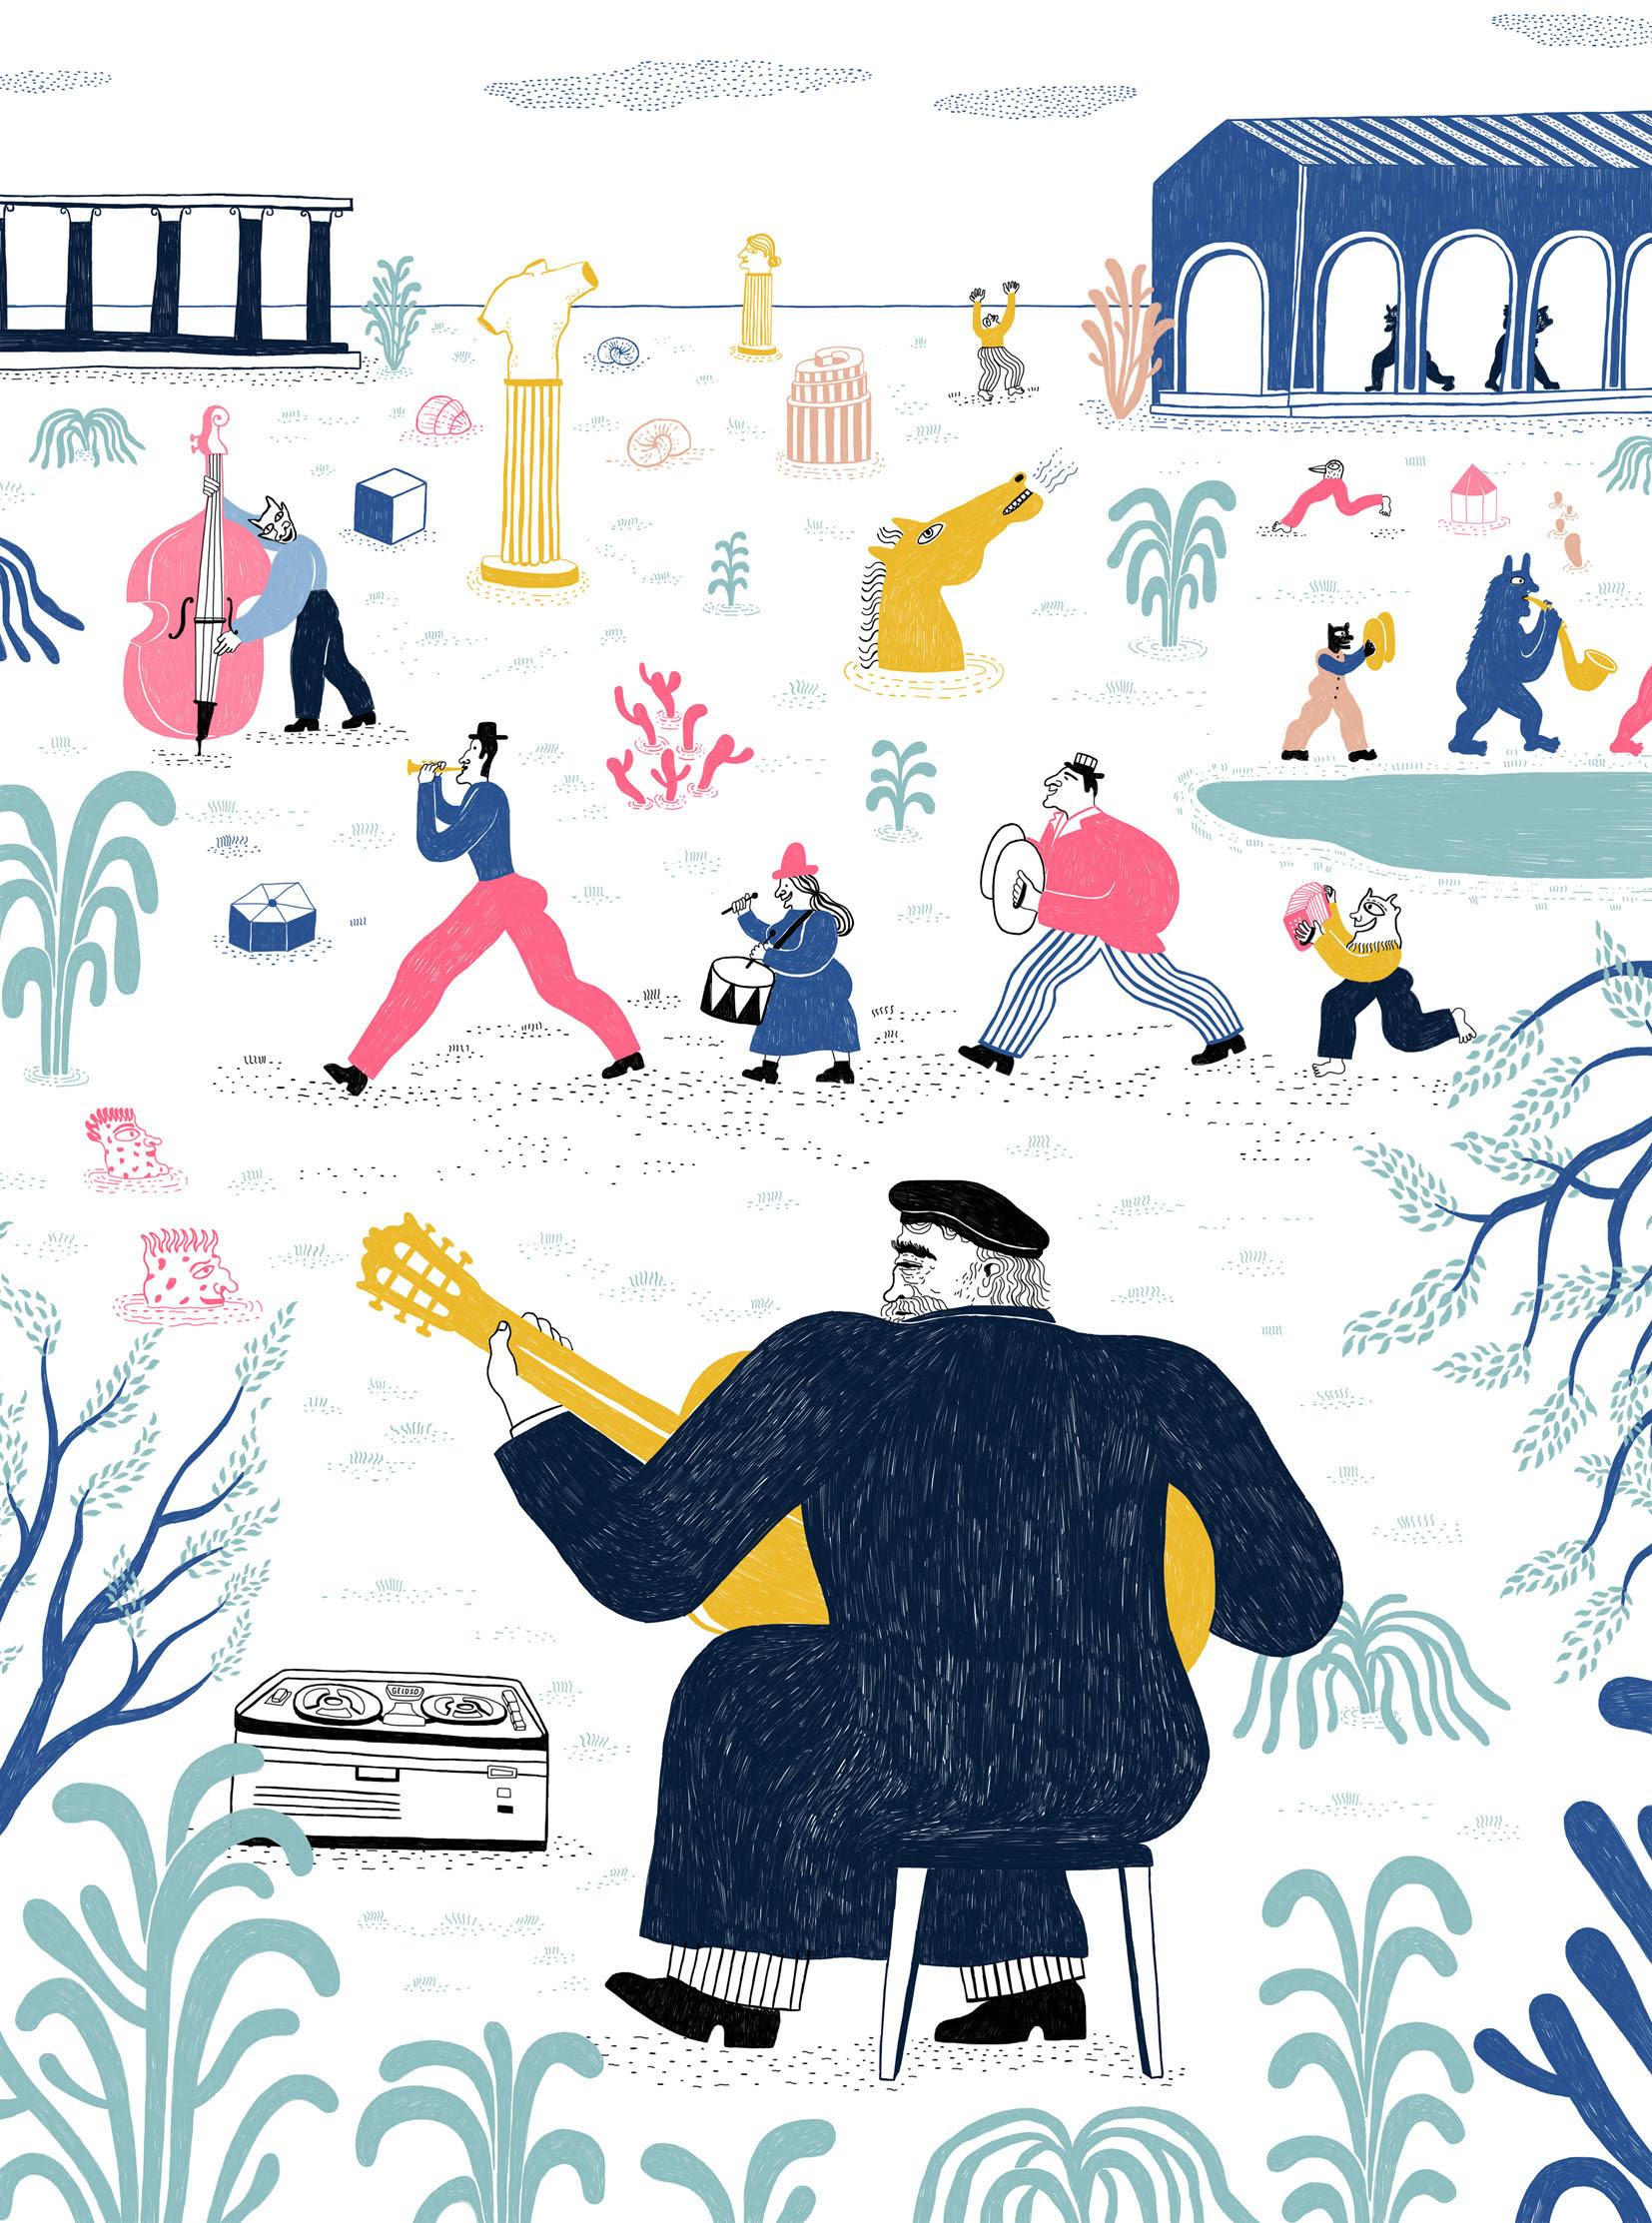 La ilustradora española Bea Lozano gana la novena edición del CatálogoIberoaméricaIlustra de la Fundación SM